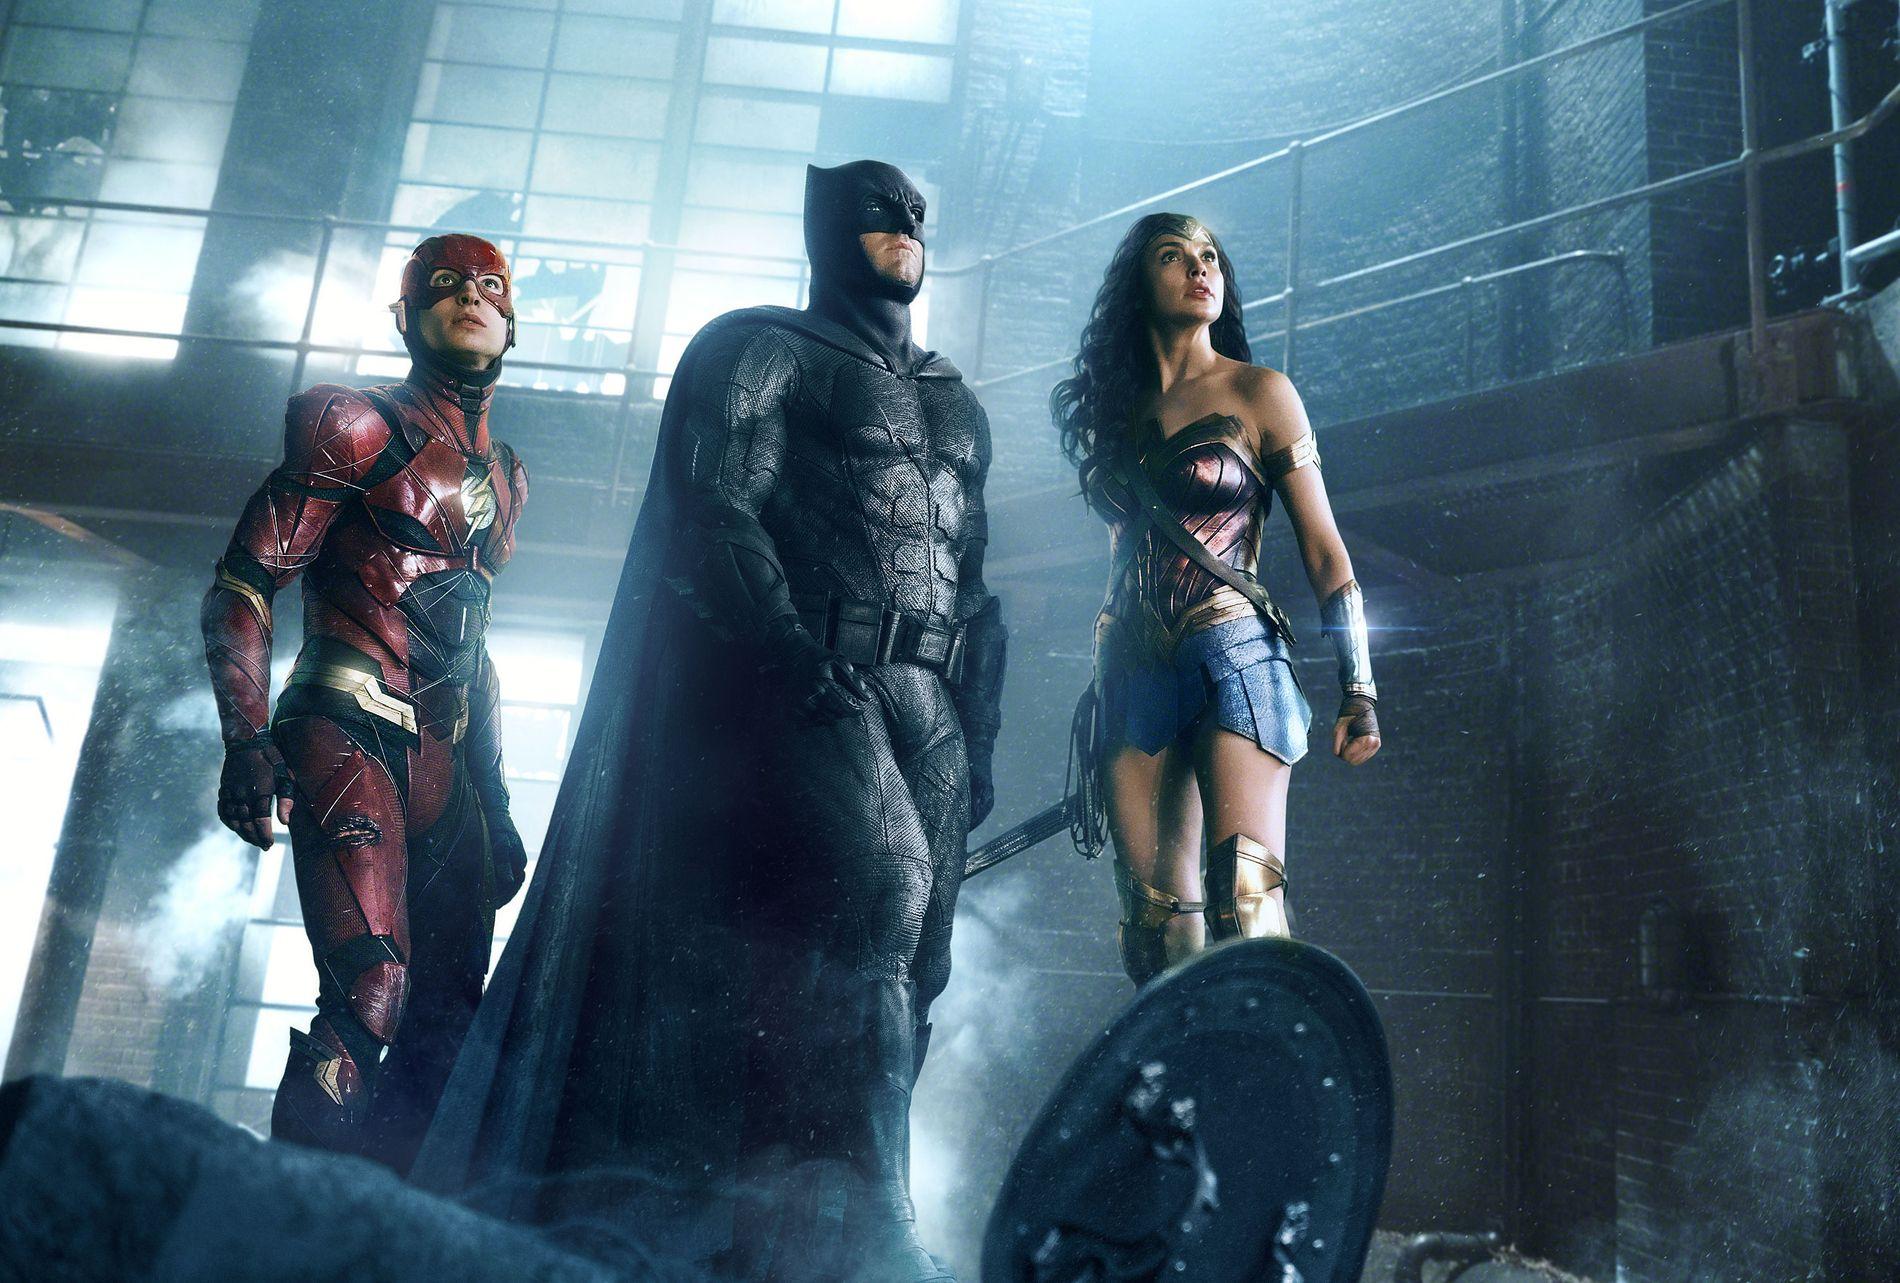 FORRIGE: Ben Affleck (i midten) som Batman i «Justice League» i 2017. Til venstre Ezra Miller som The Flash og til høyre Gal Gadot som Wonder Woman.